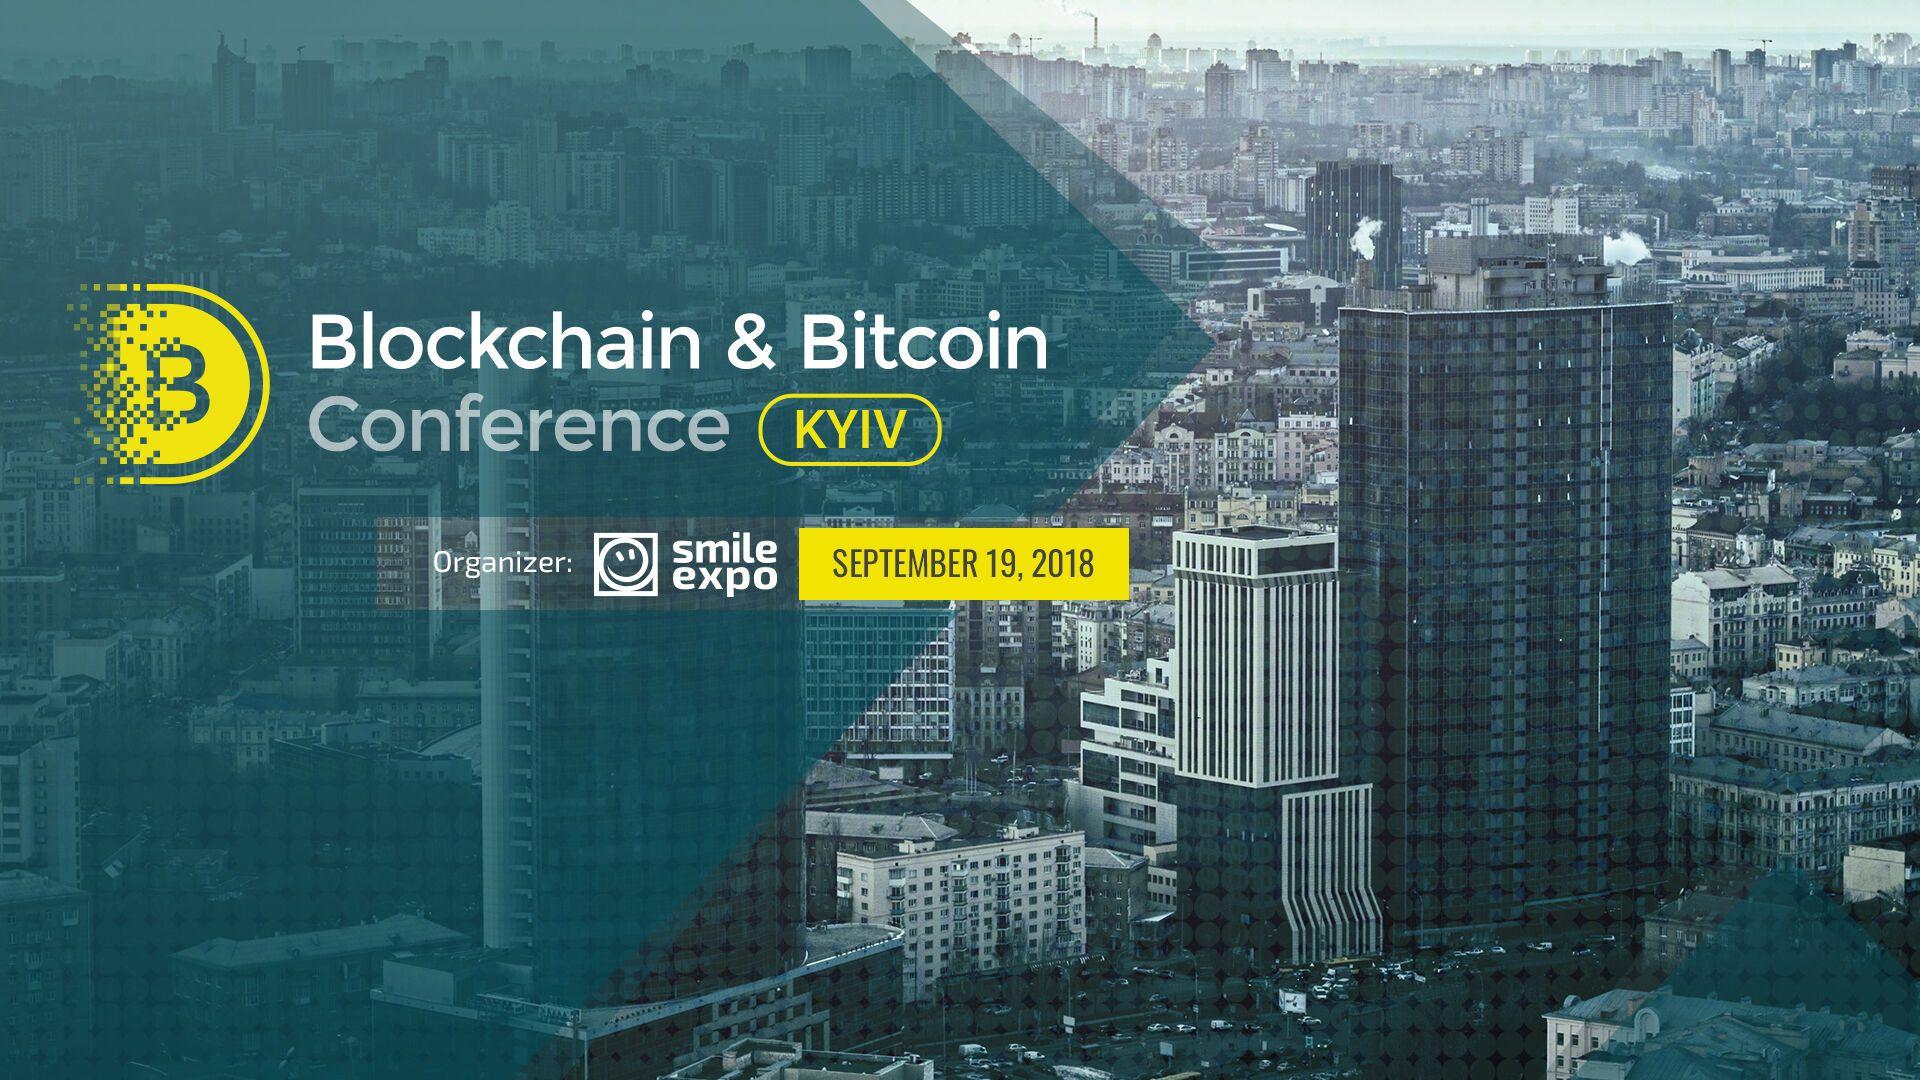 В Україні вшосте відбудеться міжнародна криптоподія – Blockchain & Bitcoin Conference Kyiv